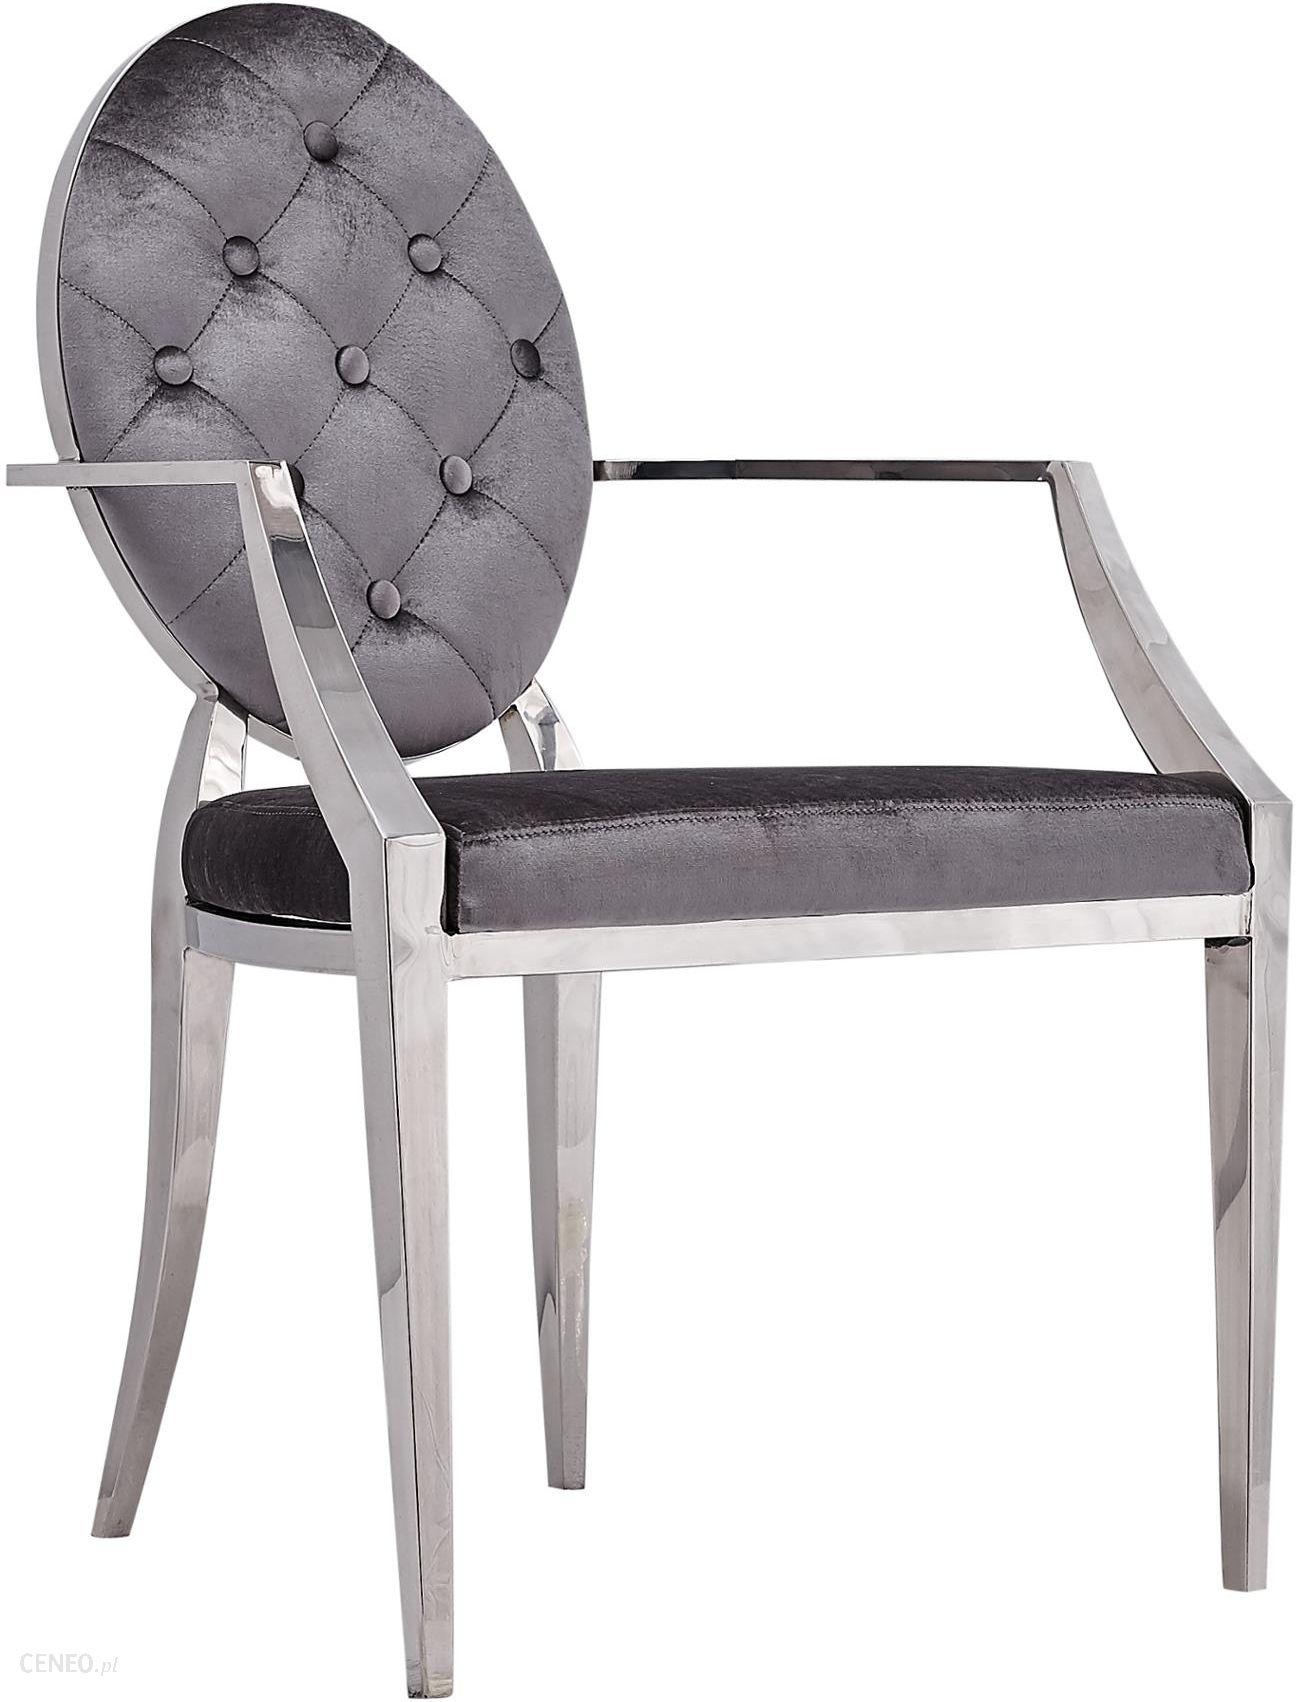 Wspaniały Fotel Szary Krzesło Chromowane Pikowane Glamour - Opinie i QH69